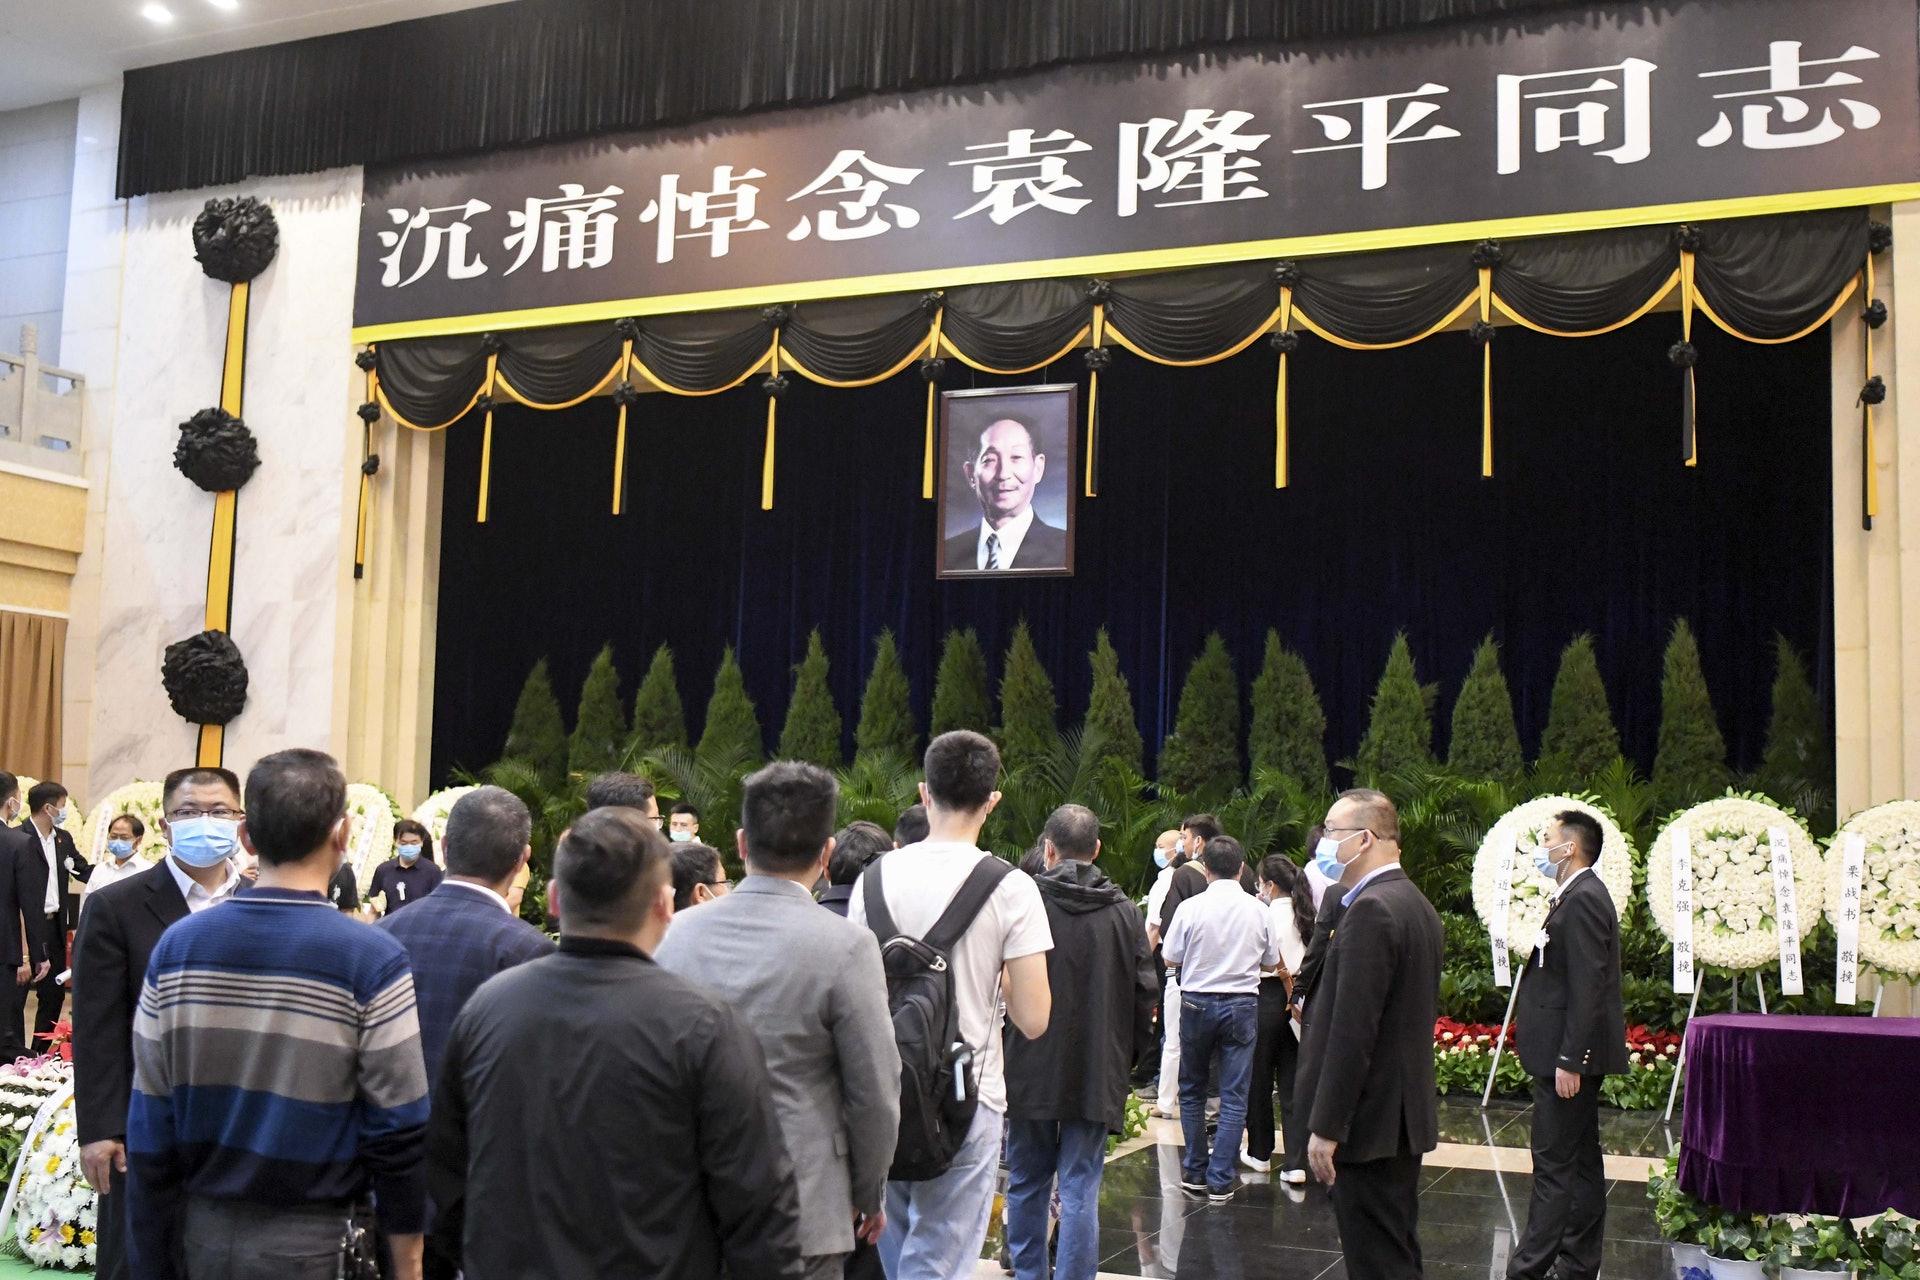 5月24日,袁隆平遺體送別儀式在湖南省長沙市明陽山殯儀館舉行。(中新社)